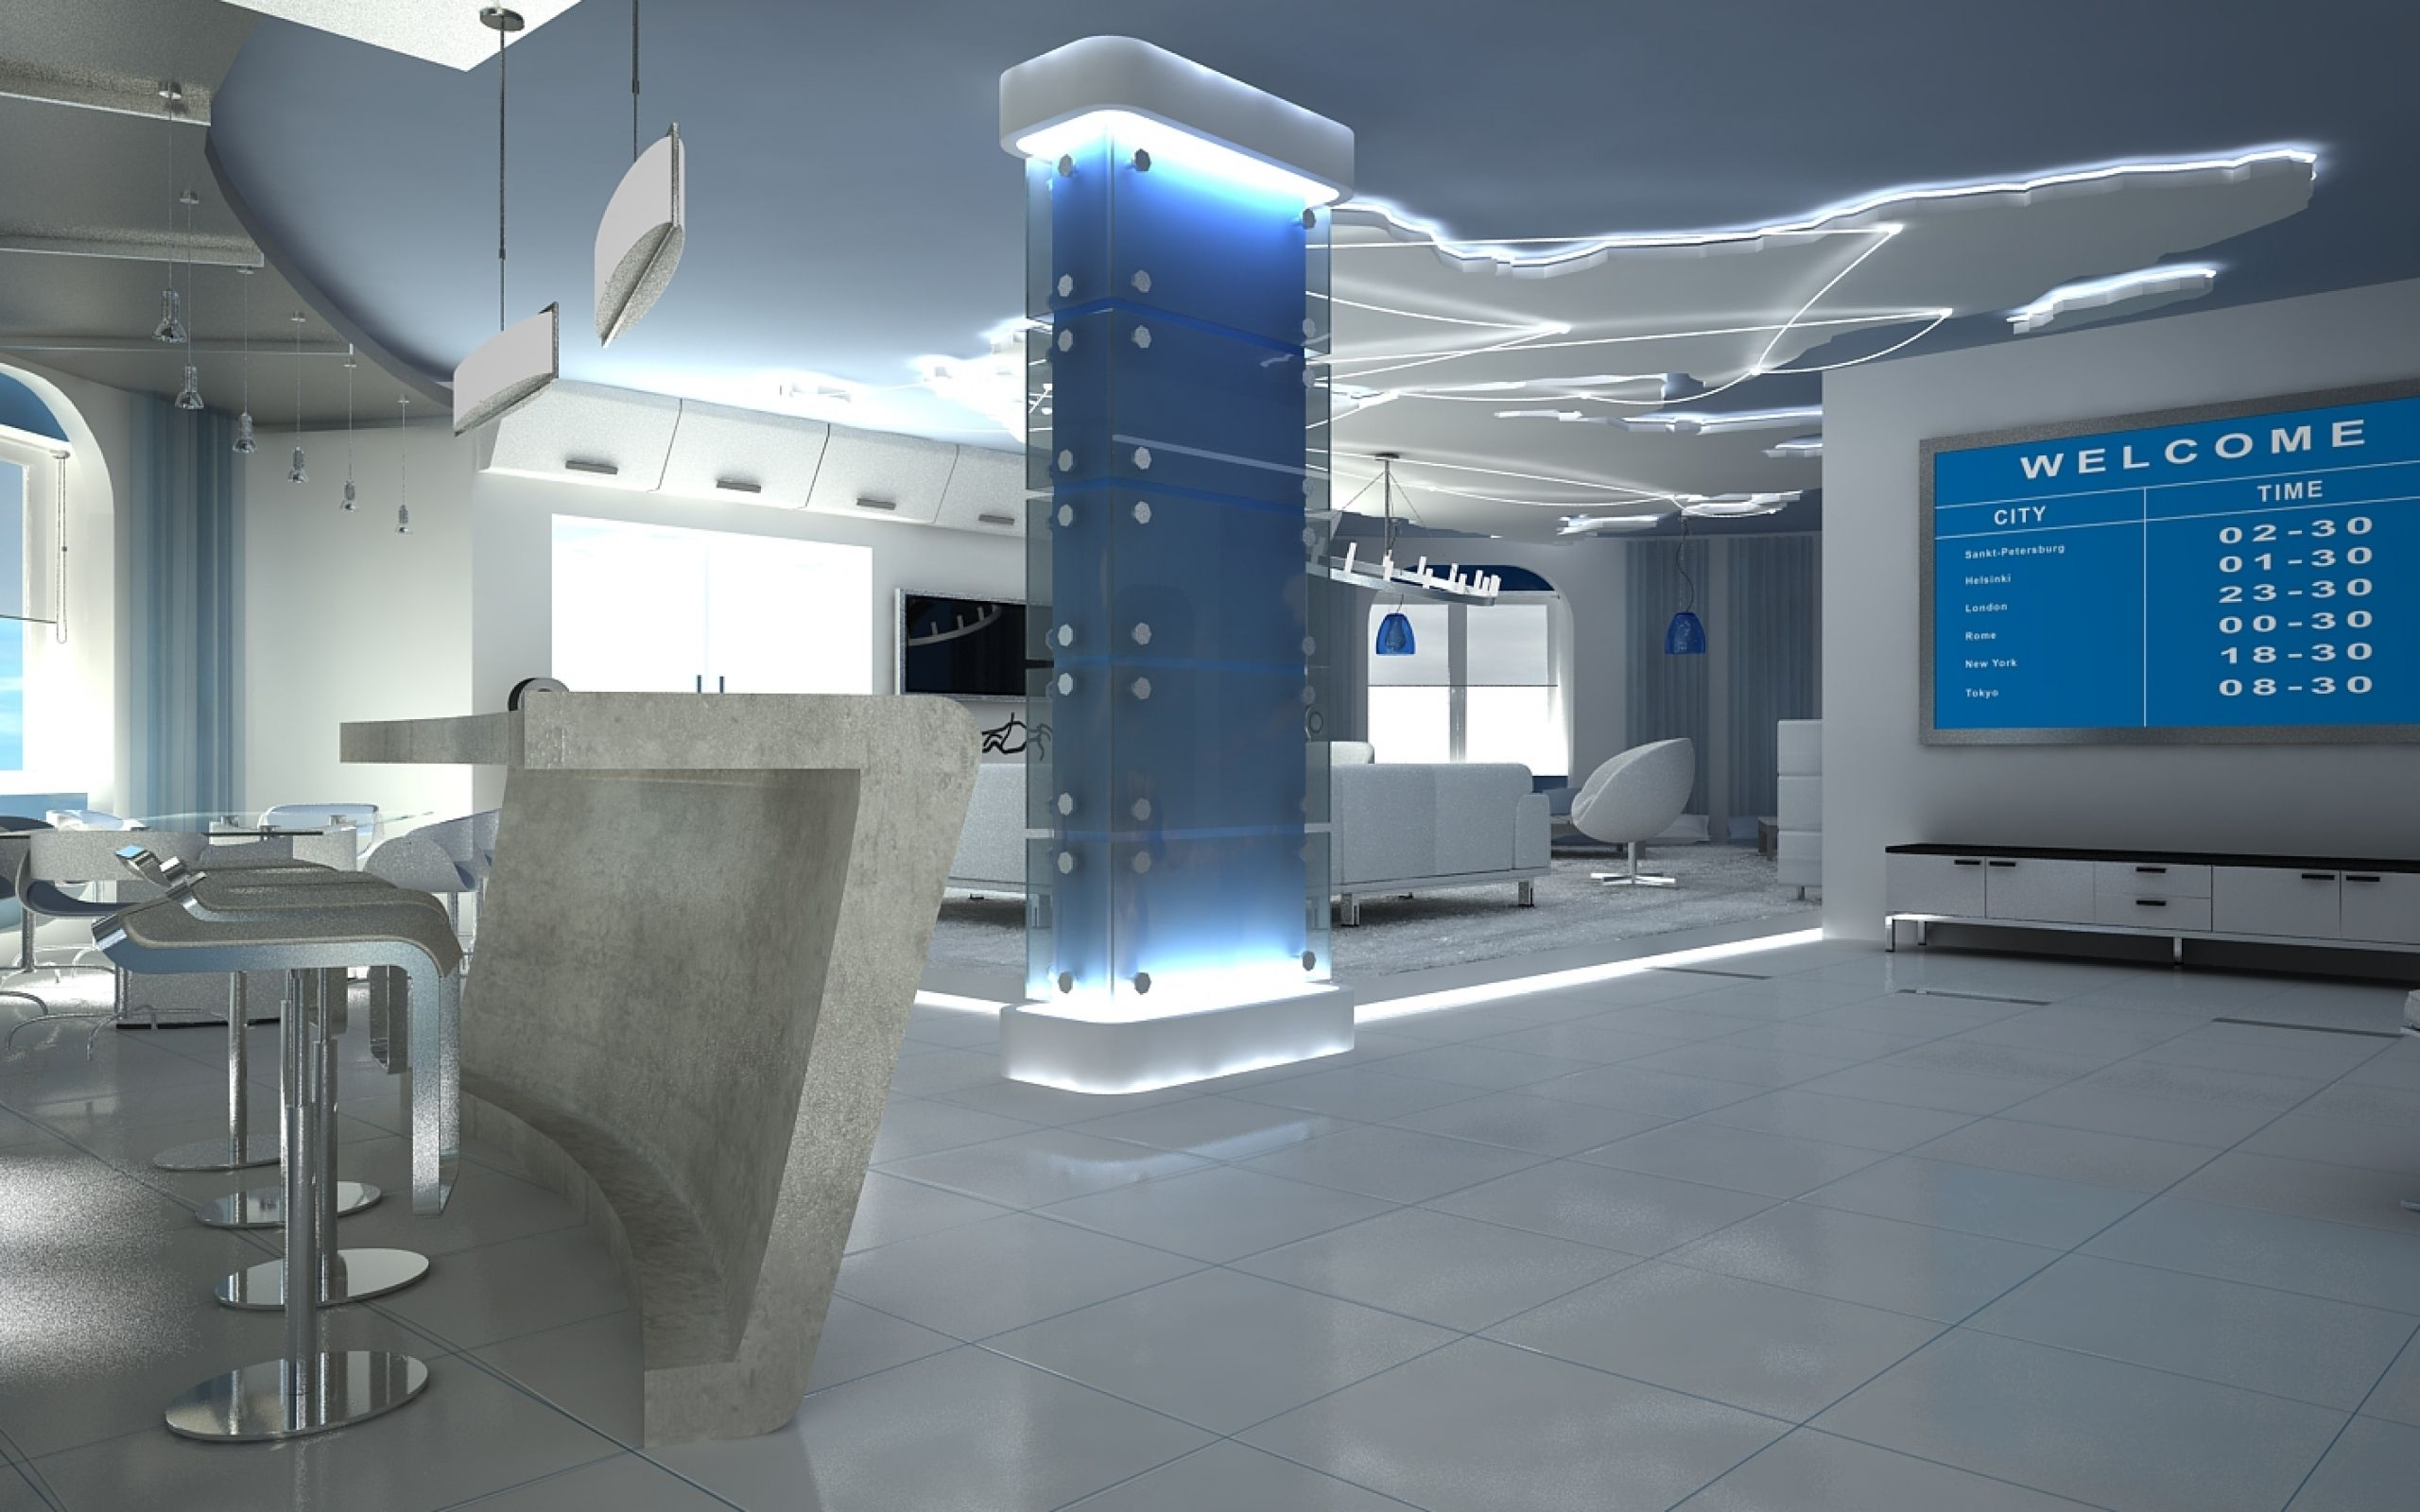 Innenarchitektur von schlafzimmermöbeln modern interior  Ż  future living  pinterest  einrichtung